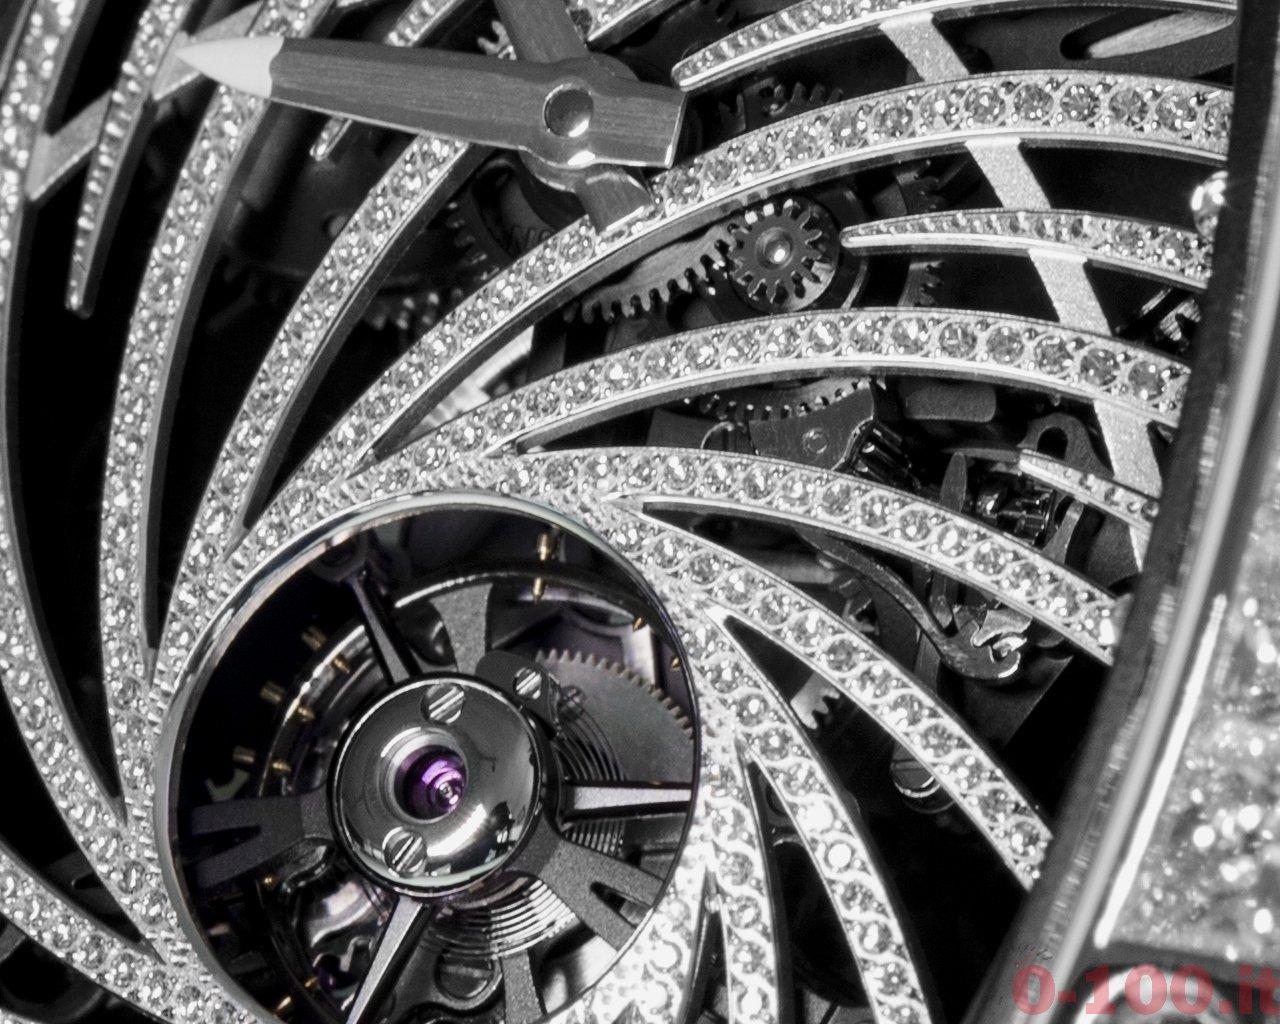 sihh-2015-richard-mille-rm-51-02-tourbillon-diamond-twister-0-100_6